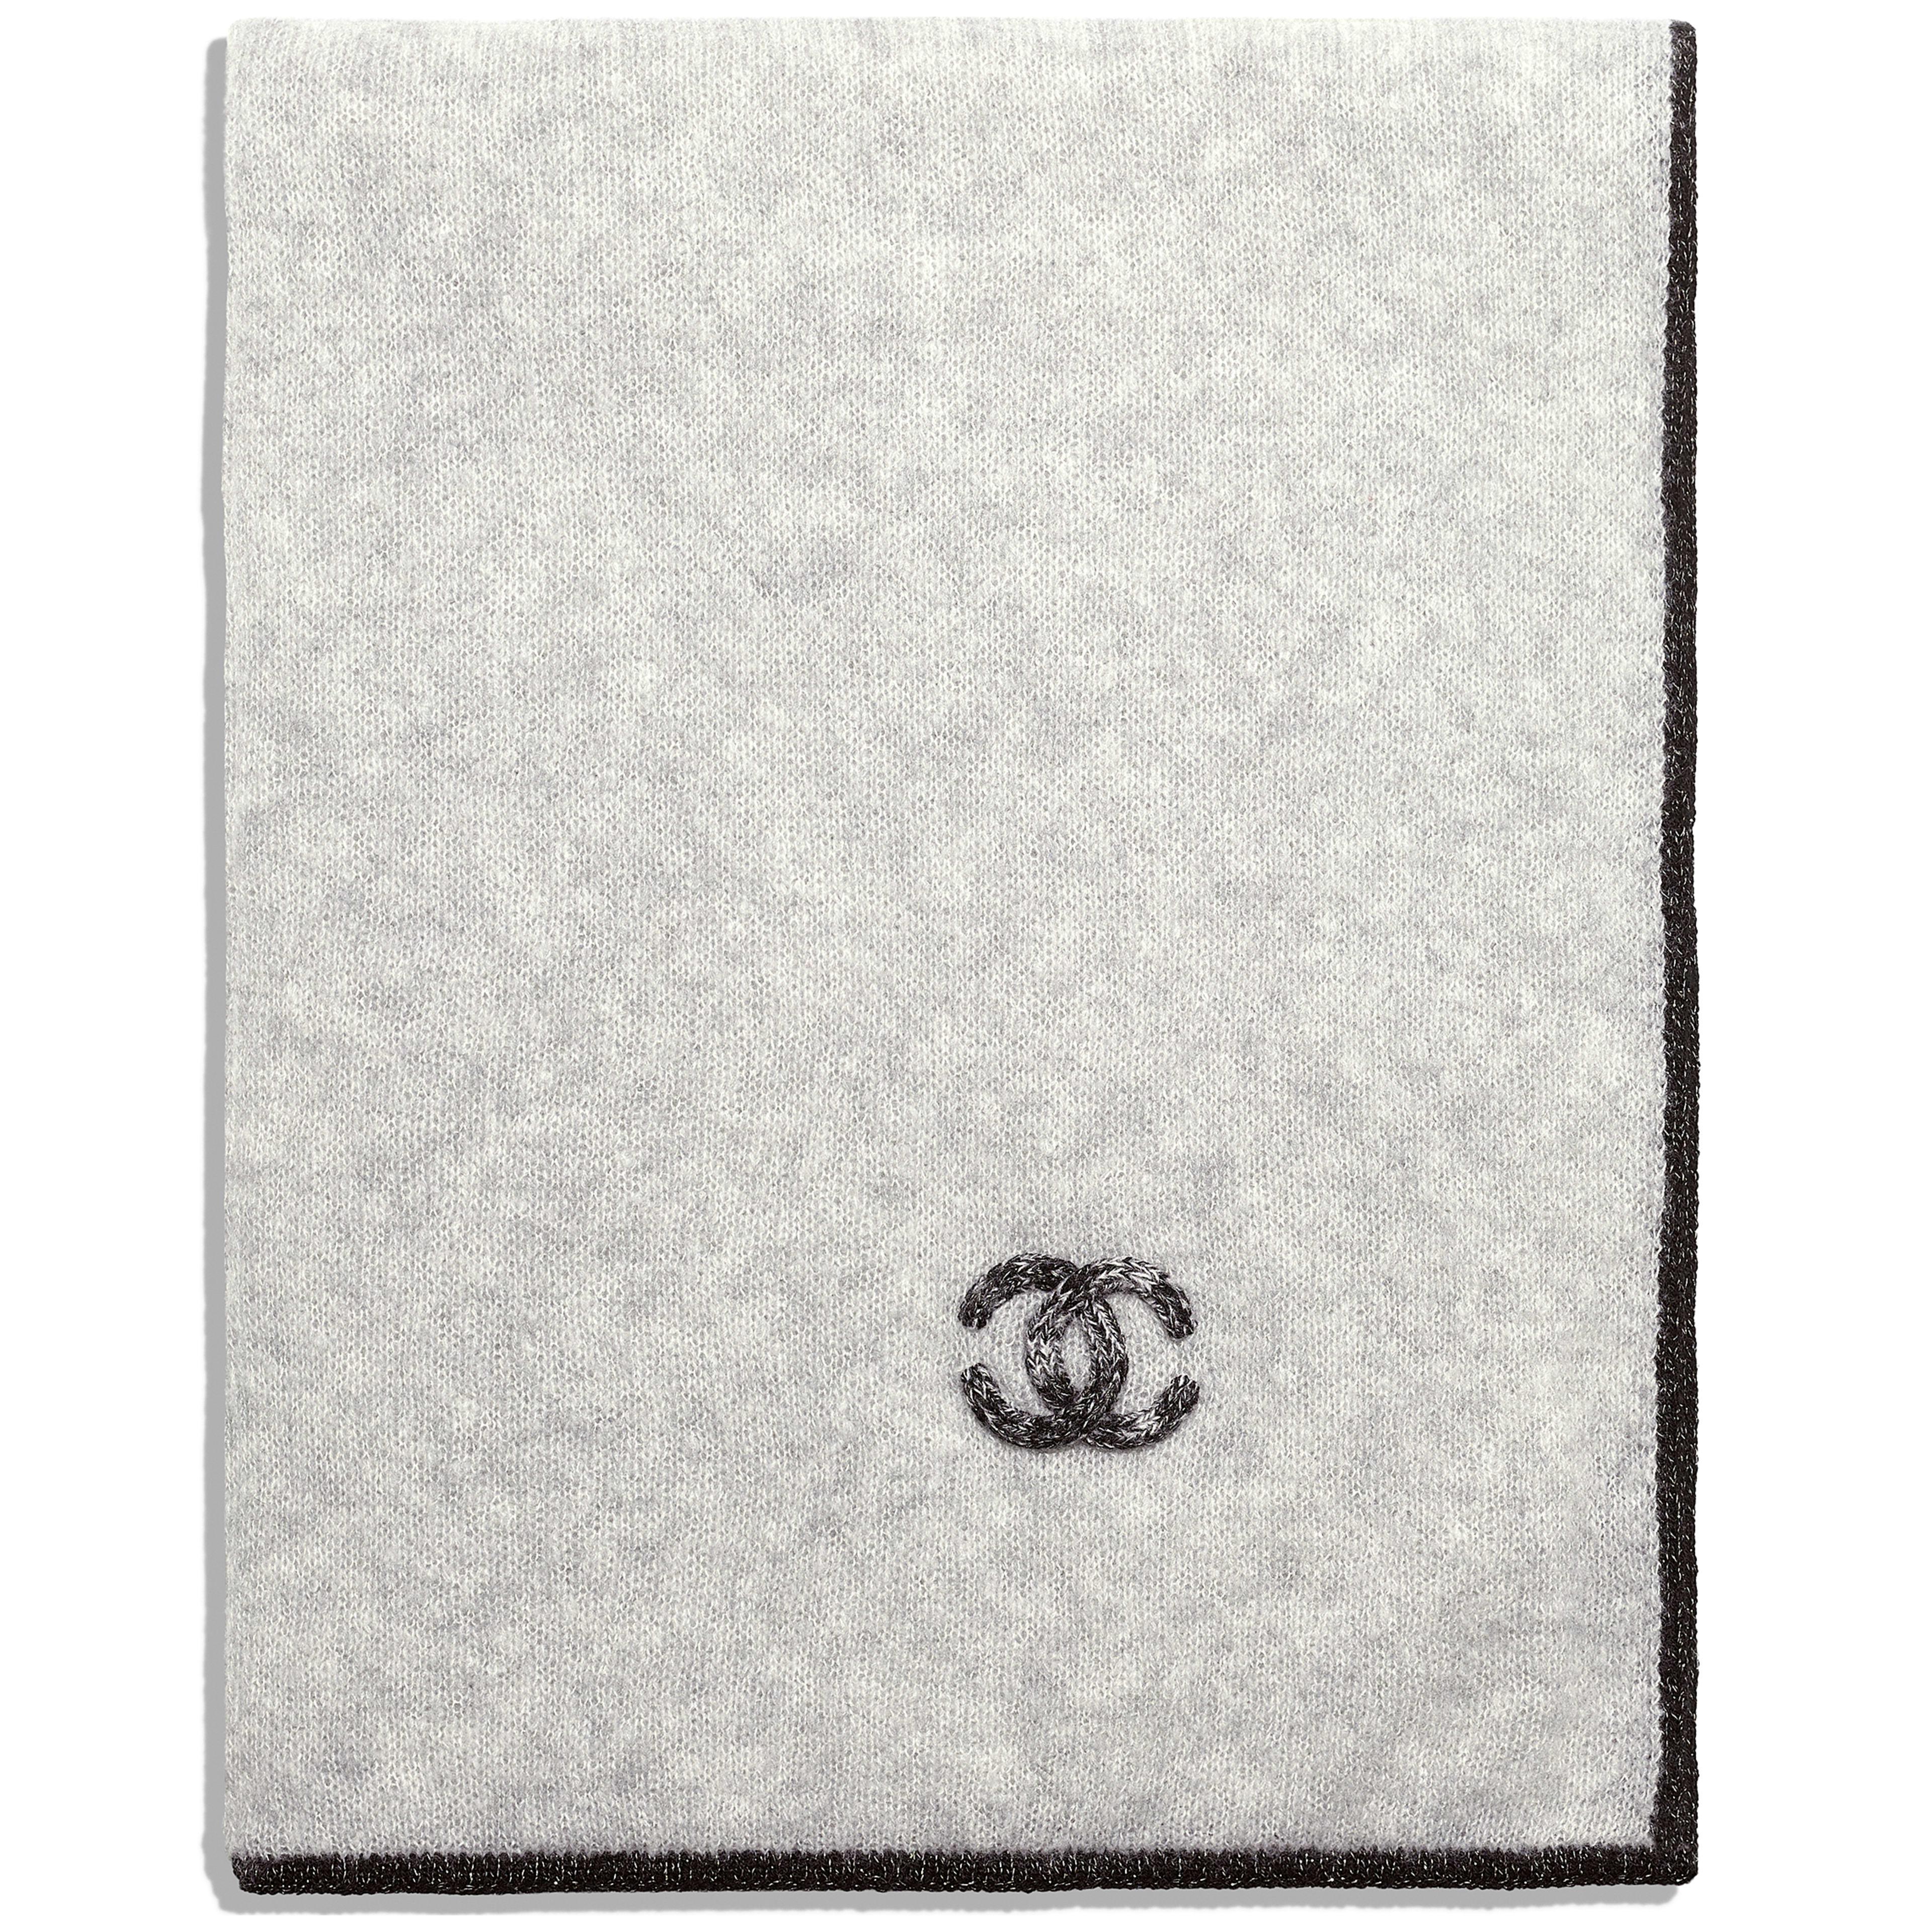 Шарф - Серый - Кашемир и шелк - Альтернативный вид - посмотреть полноразмерное изображение